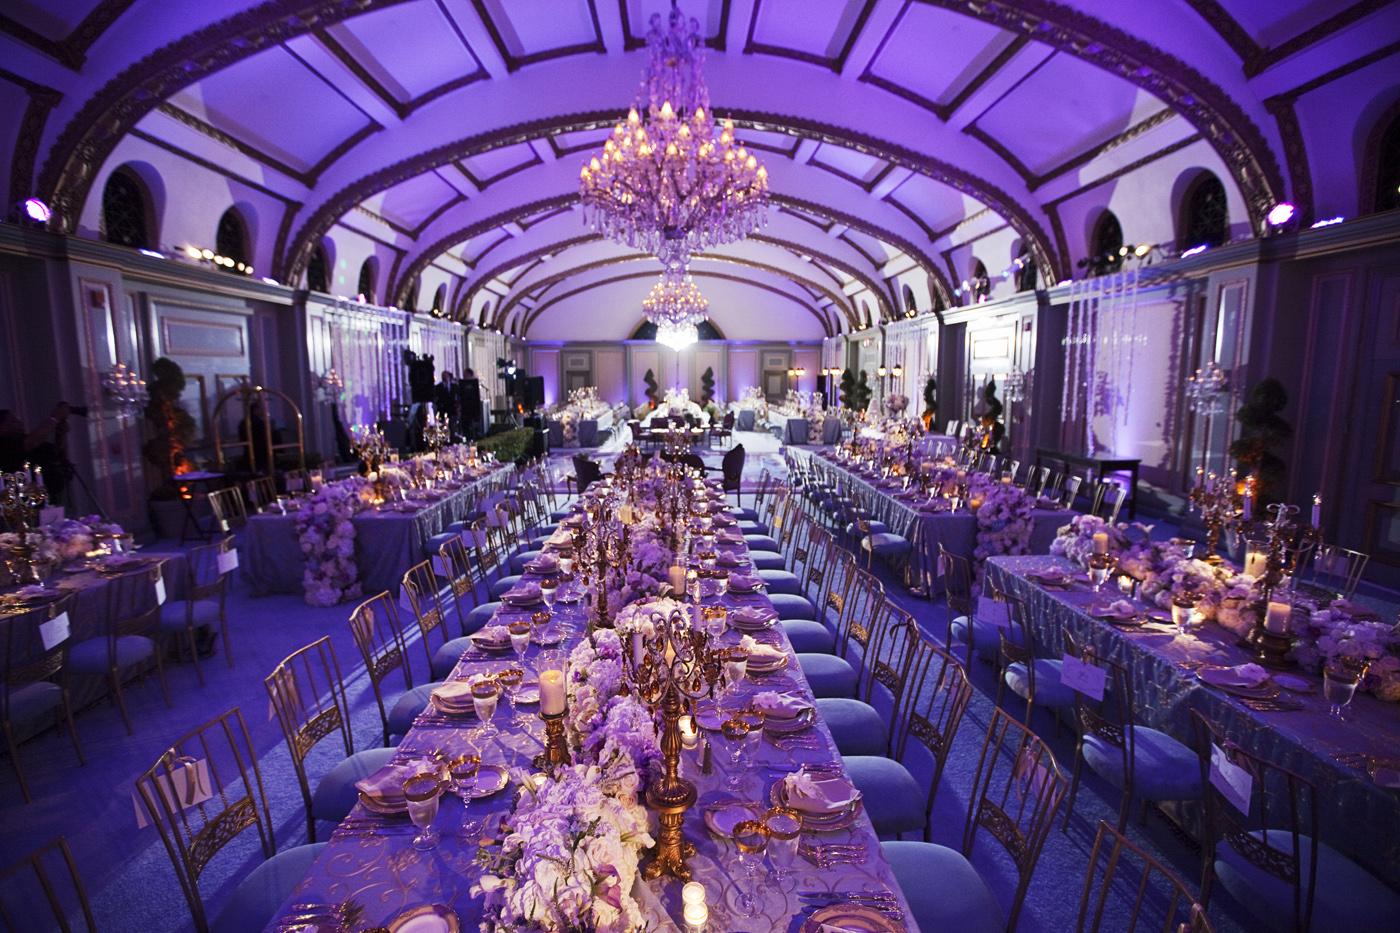 011_DukePhotography_DukeImages_Wedding_Details.jpg